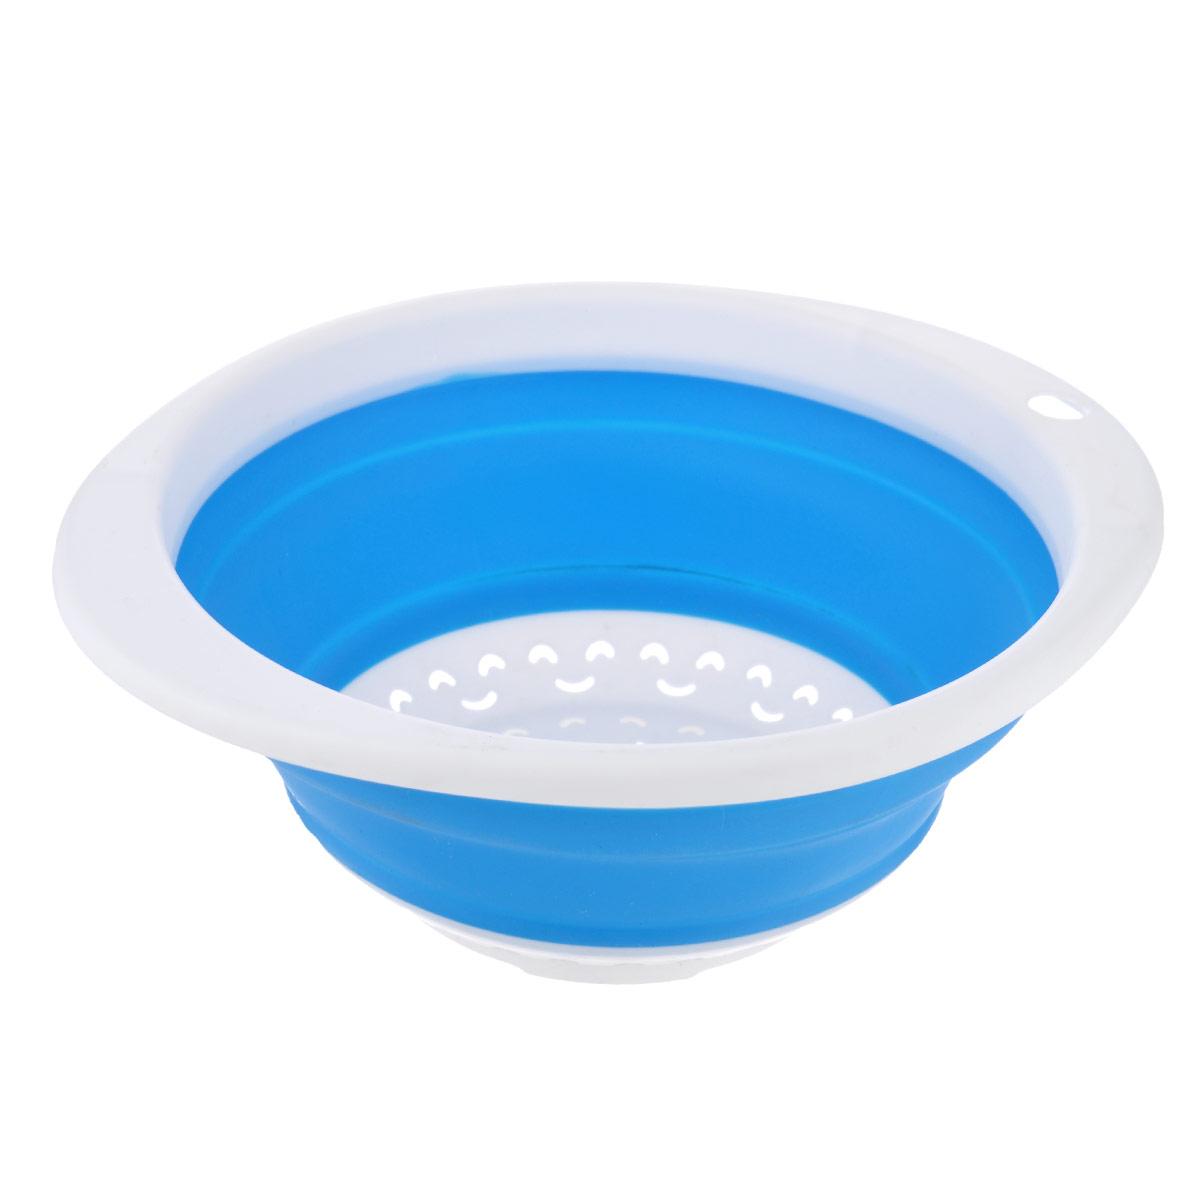 Дуршлаг складной Oriental Way, цвет: голубой, 23 х 21 см8863_голубойСкладной дуршлаг Oriental Way станет полезным приобретением для вашейкухни. Он изготовлен из высококачественного пищевого силикона и пластика.Дуршлаг оснащен двумя удобными ручками. Одна ручка снабжена специальнымотверстием для подвешивания. Изделие прекрасно подходит для процеживания,ополаскивания и стекания макарон, овощей, фруктов. Дуршлаг компактноскладывается, что делает его удобным для хранения. Можно мыть в посудомоечной машине. Размер (по верхнему краю): 23 см х 21 см. Внутренний диаметр: 18,5 см. Максимальная высота: 9 см. Минимальная высота: 3 см.